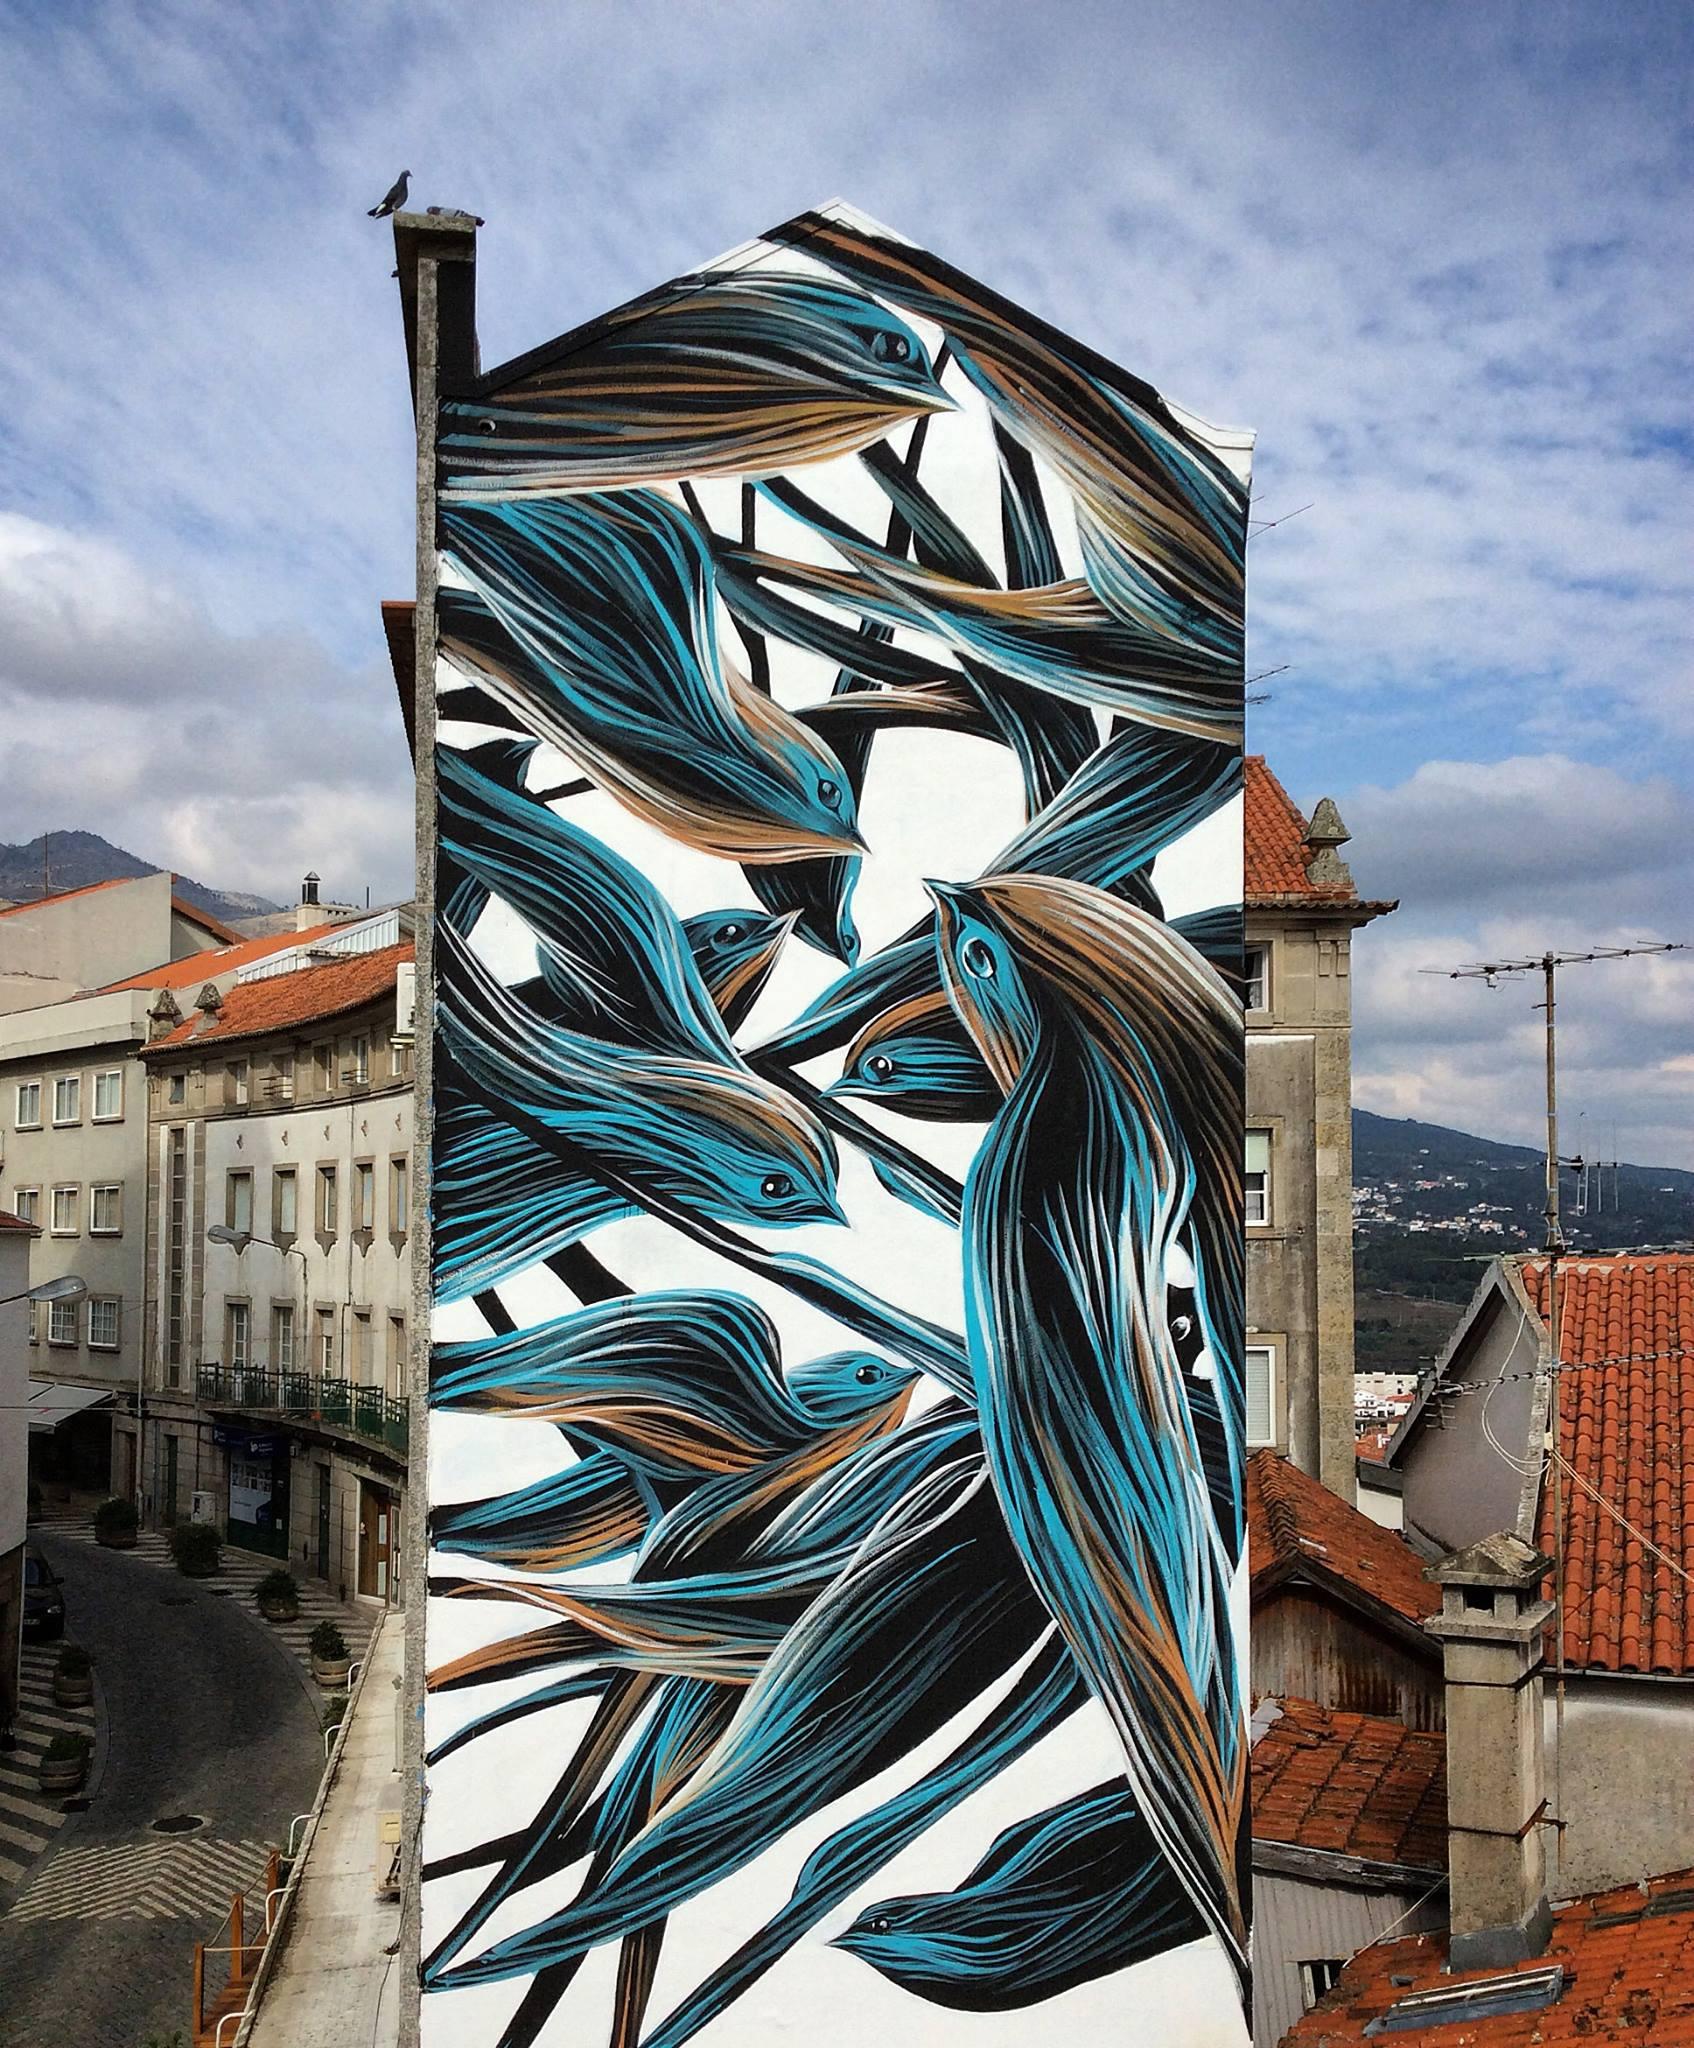 pantonio street art 01 la boite verte. Black Bedroom Furniture Sets. Home Design Ideas